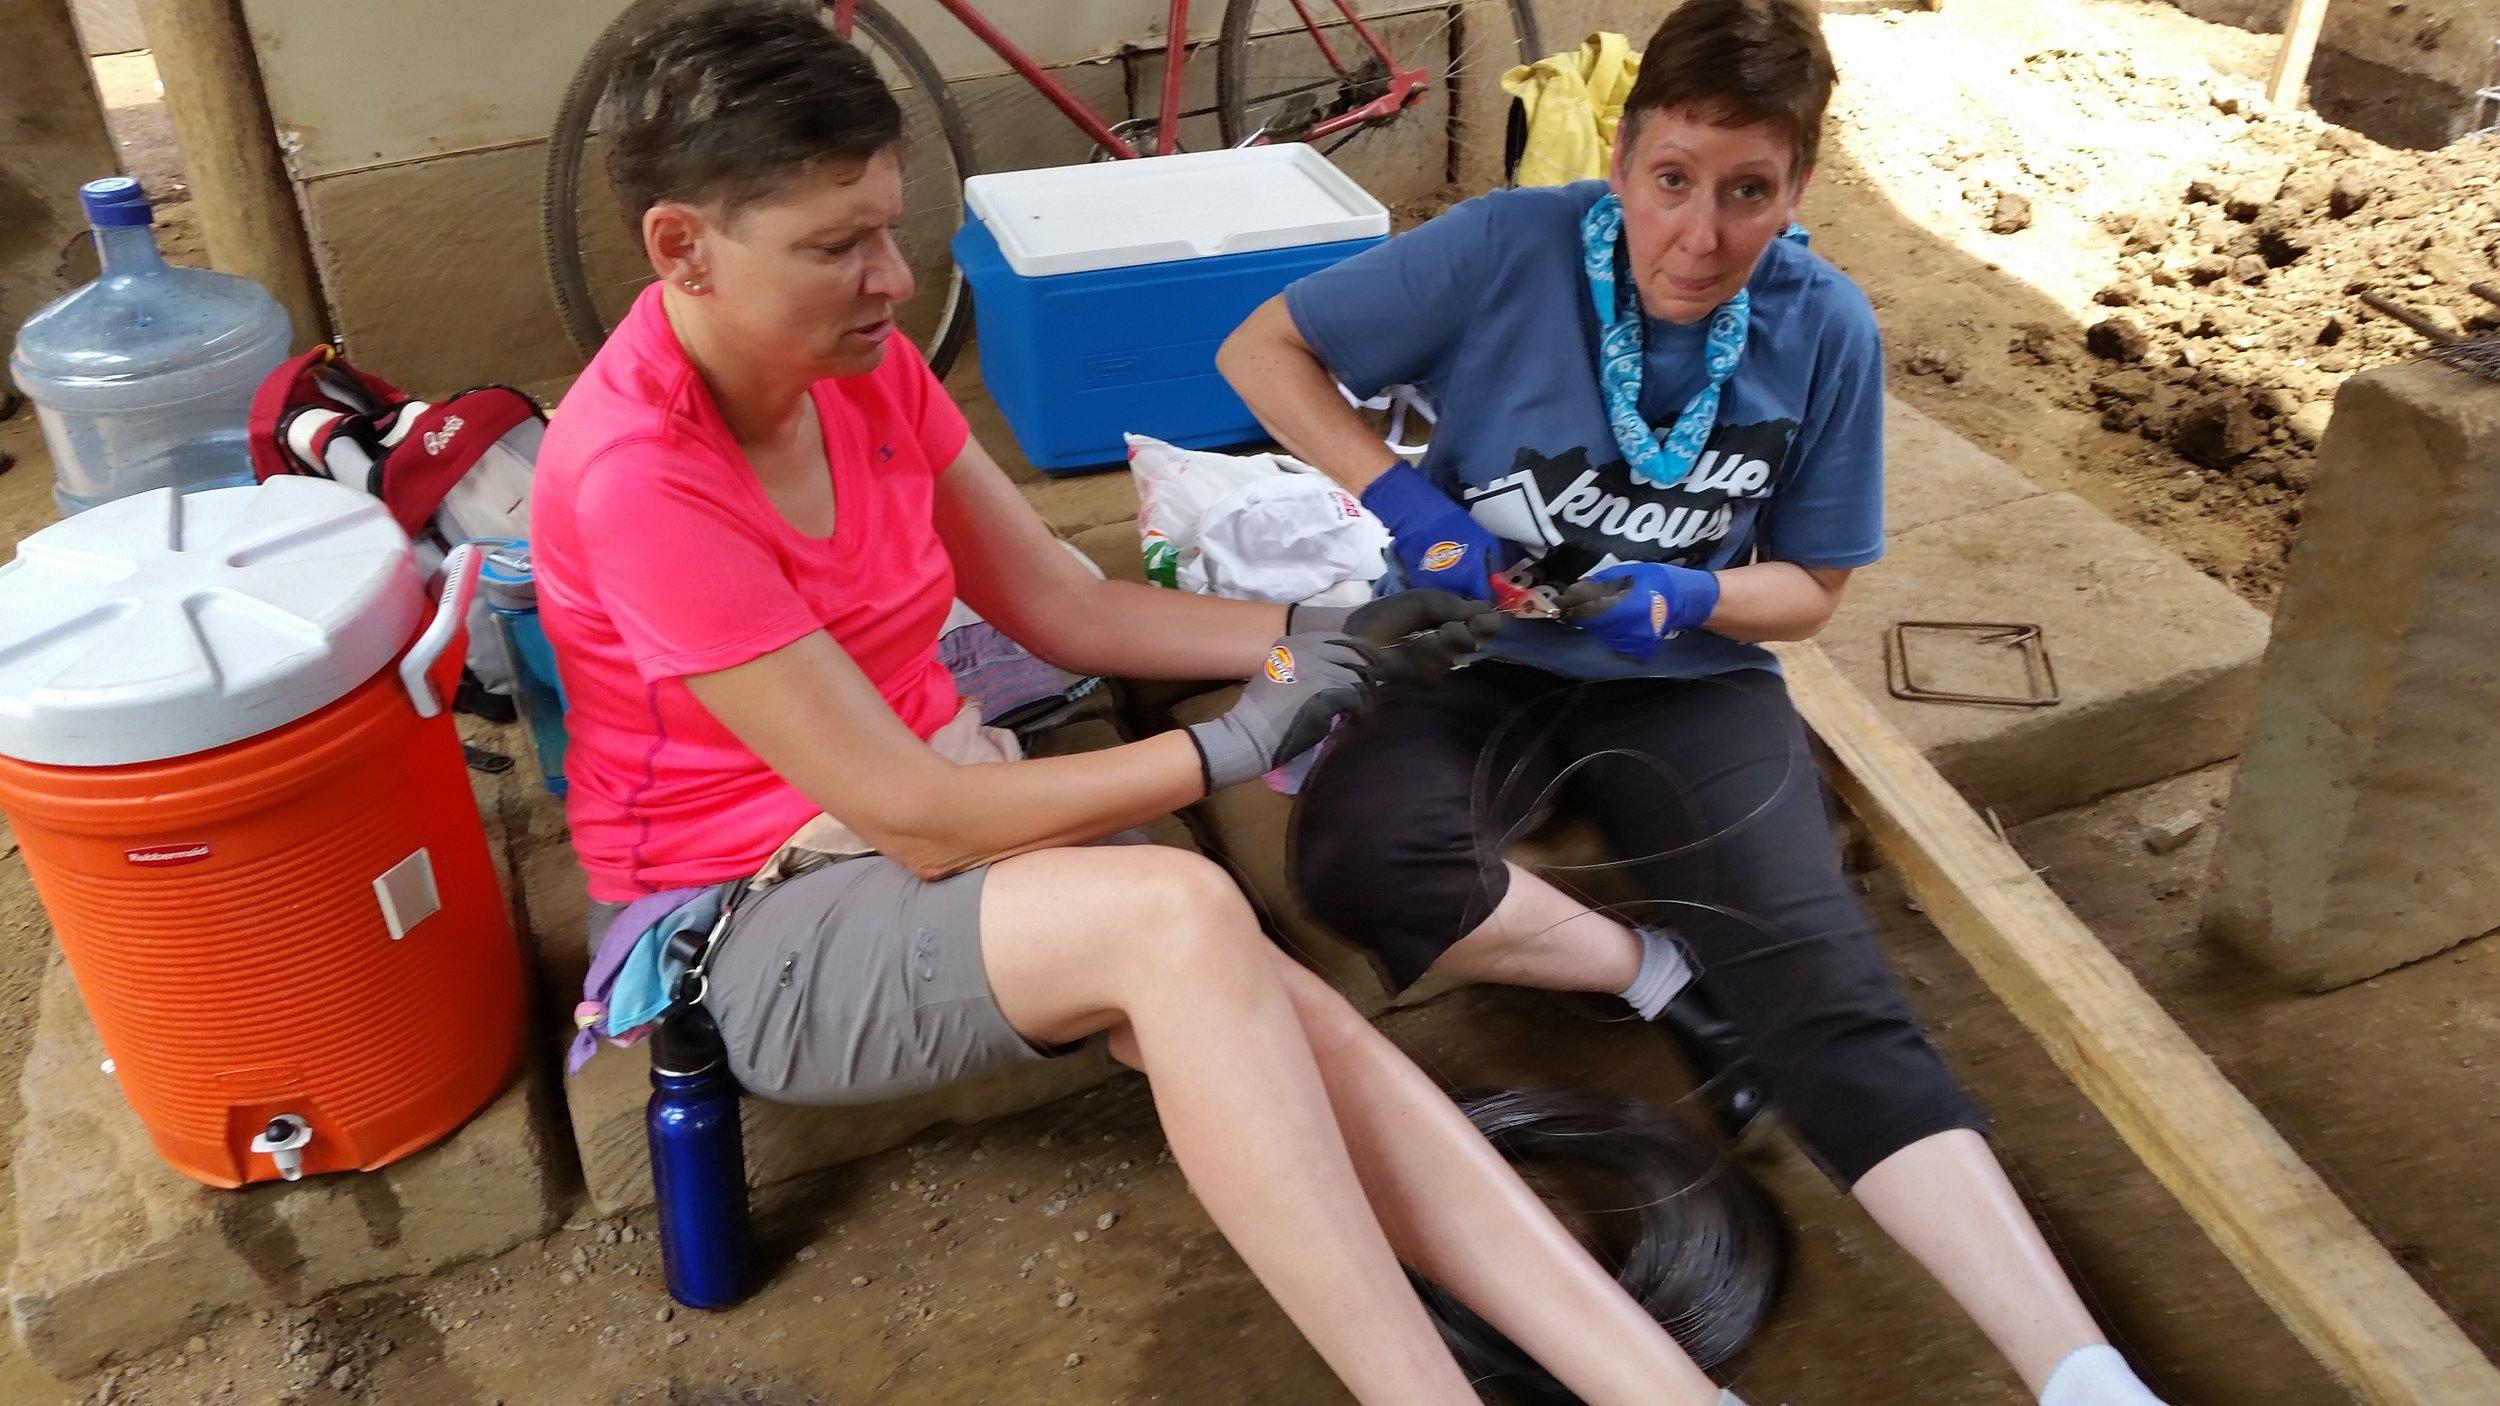 Gwenna and Debora cutting wire.